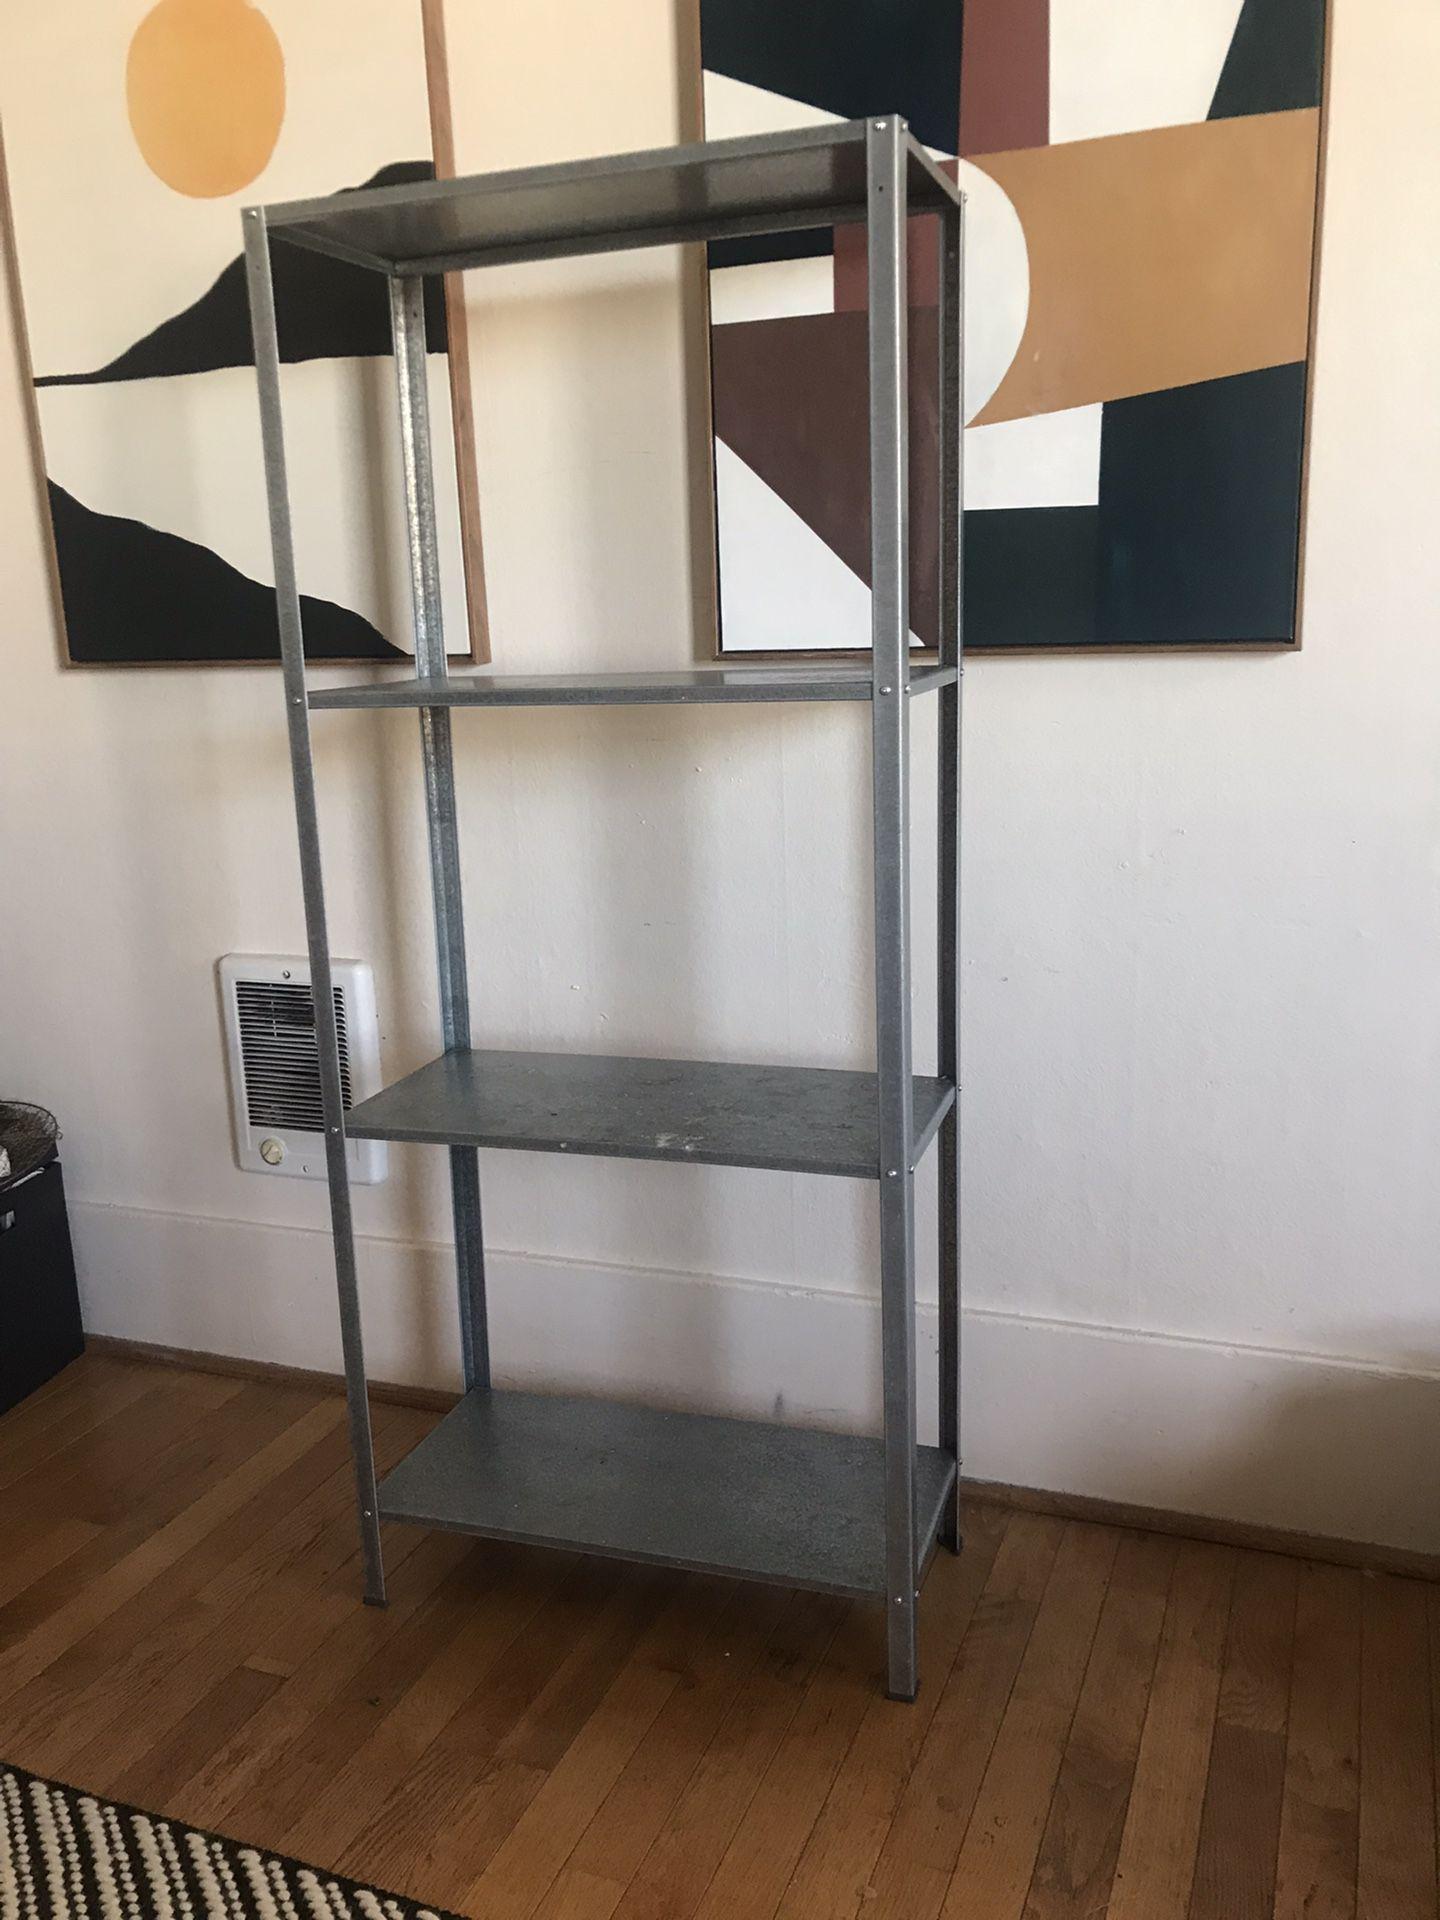 Four Shelf IKEA Storage